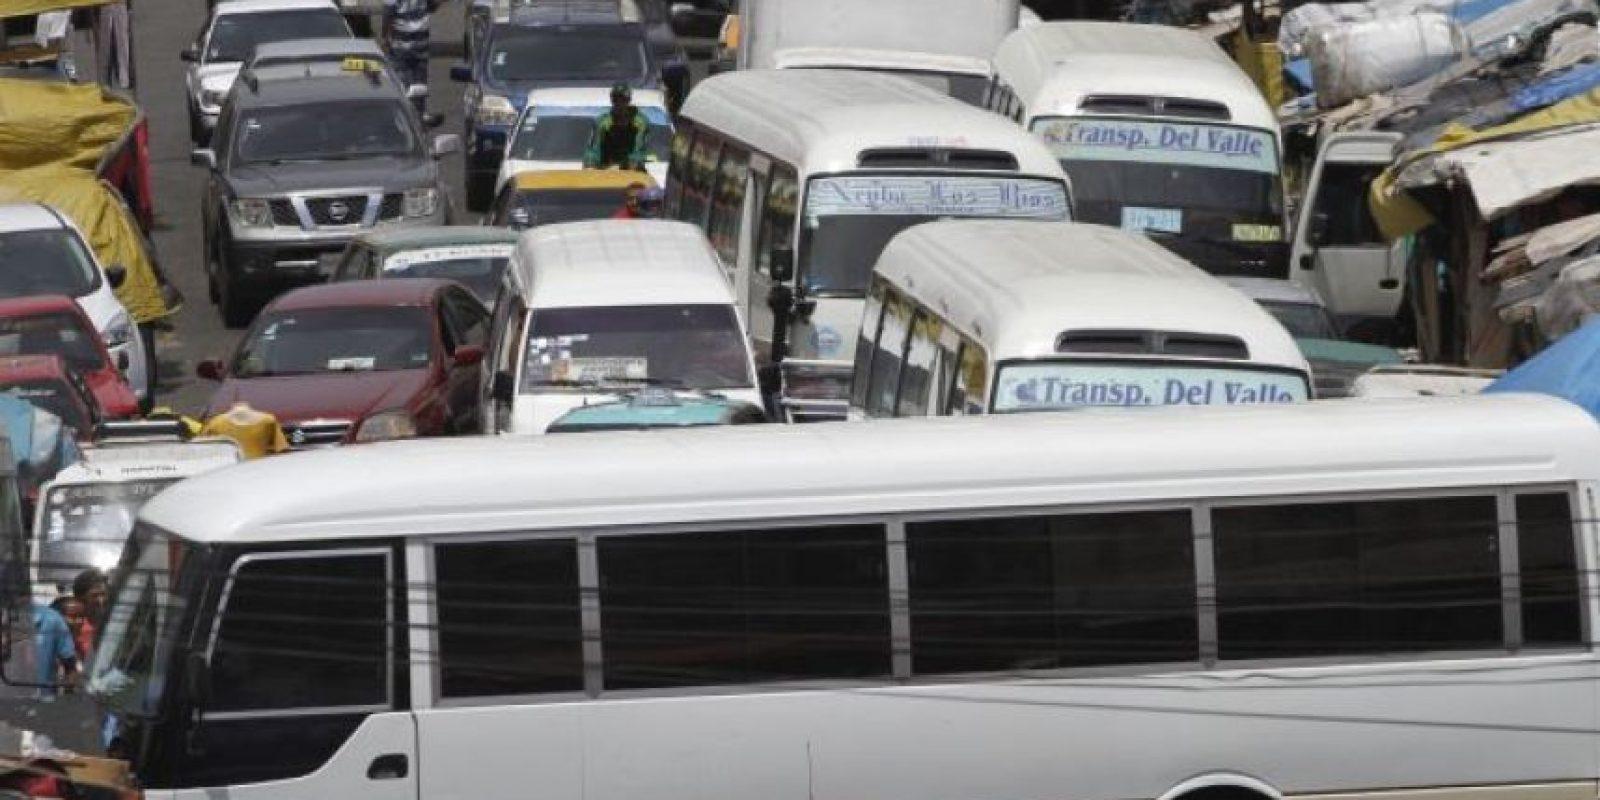 La ley de tránsito vigente está cerca de cumplir medio siglo, de acuerdo con Tobías Crespo Foto:Roberto Gúzman